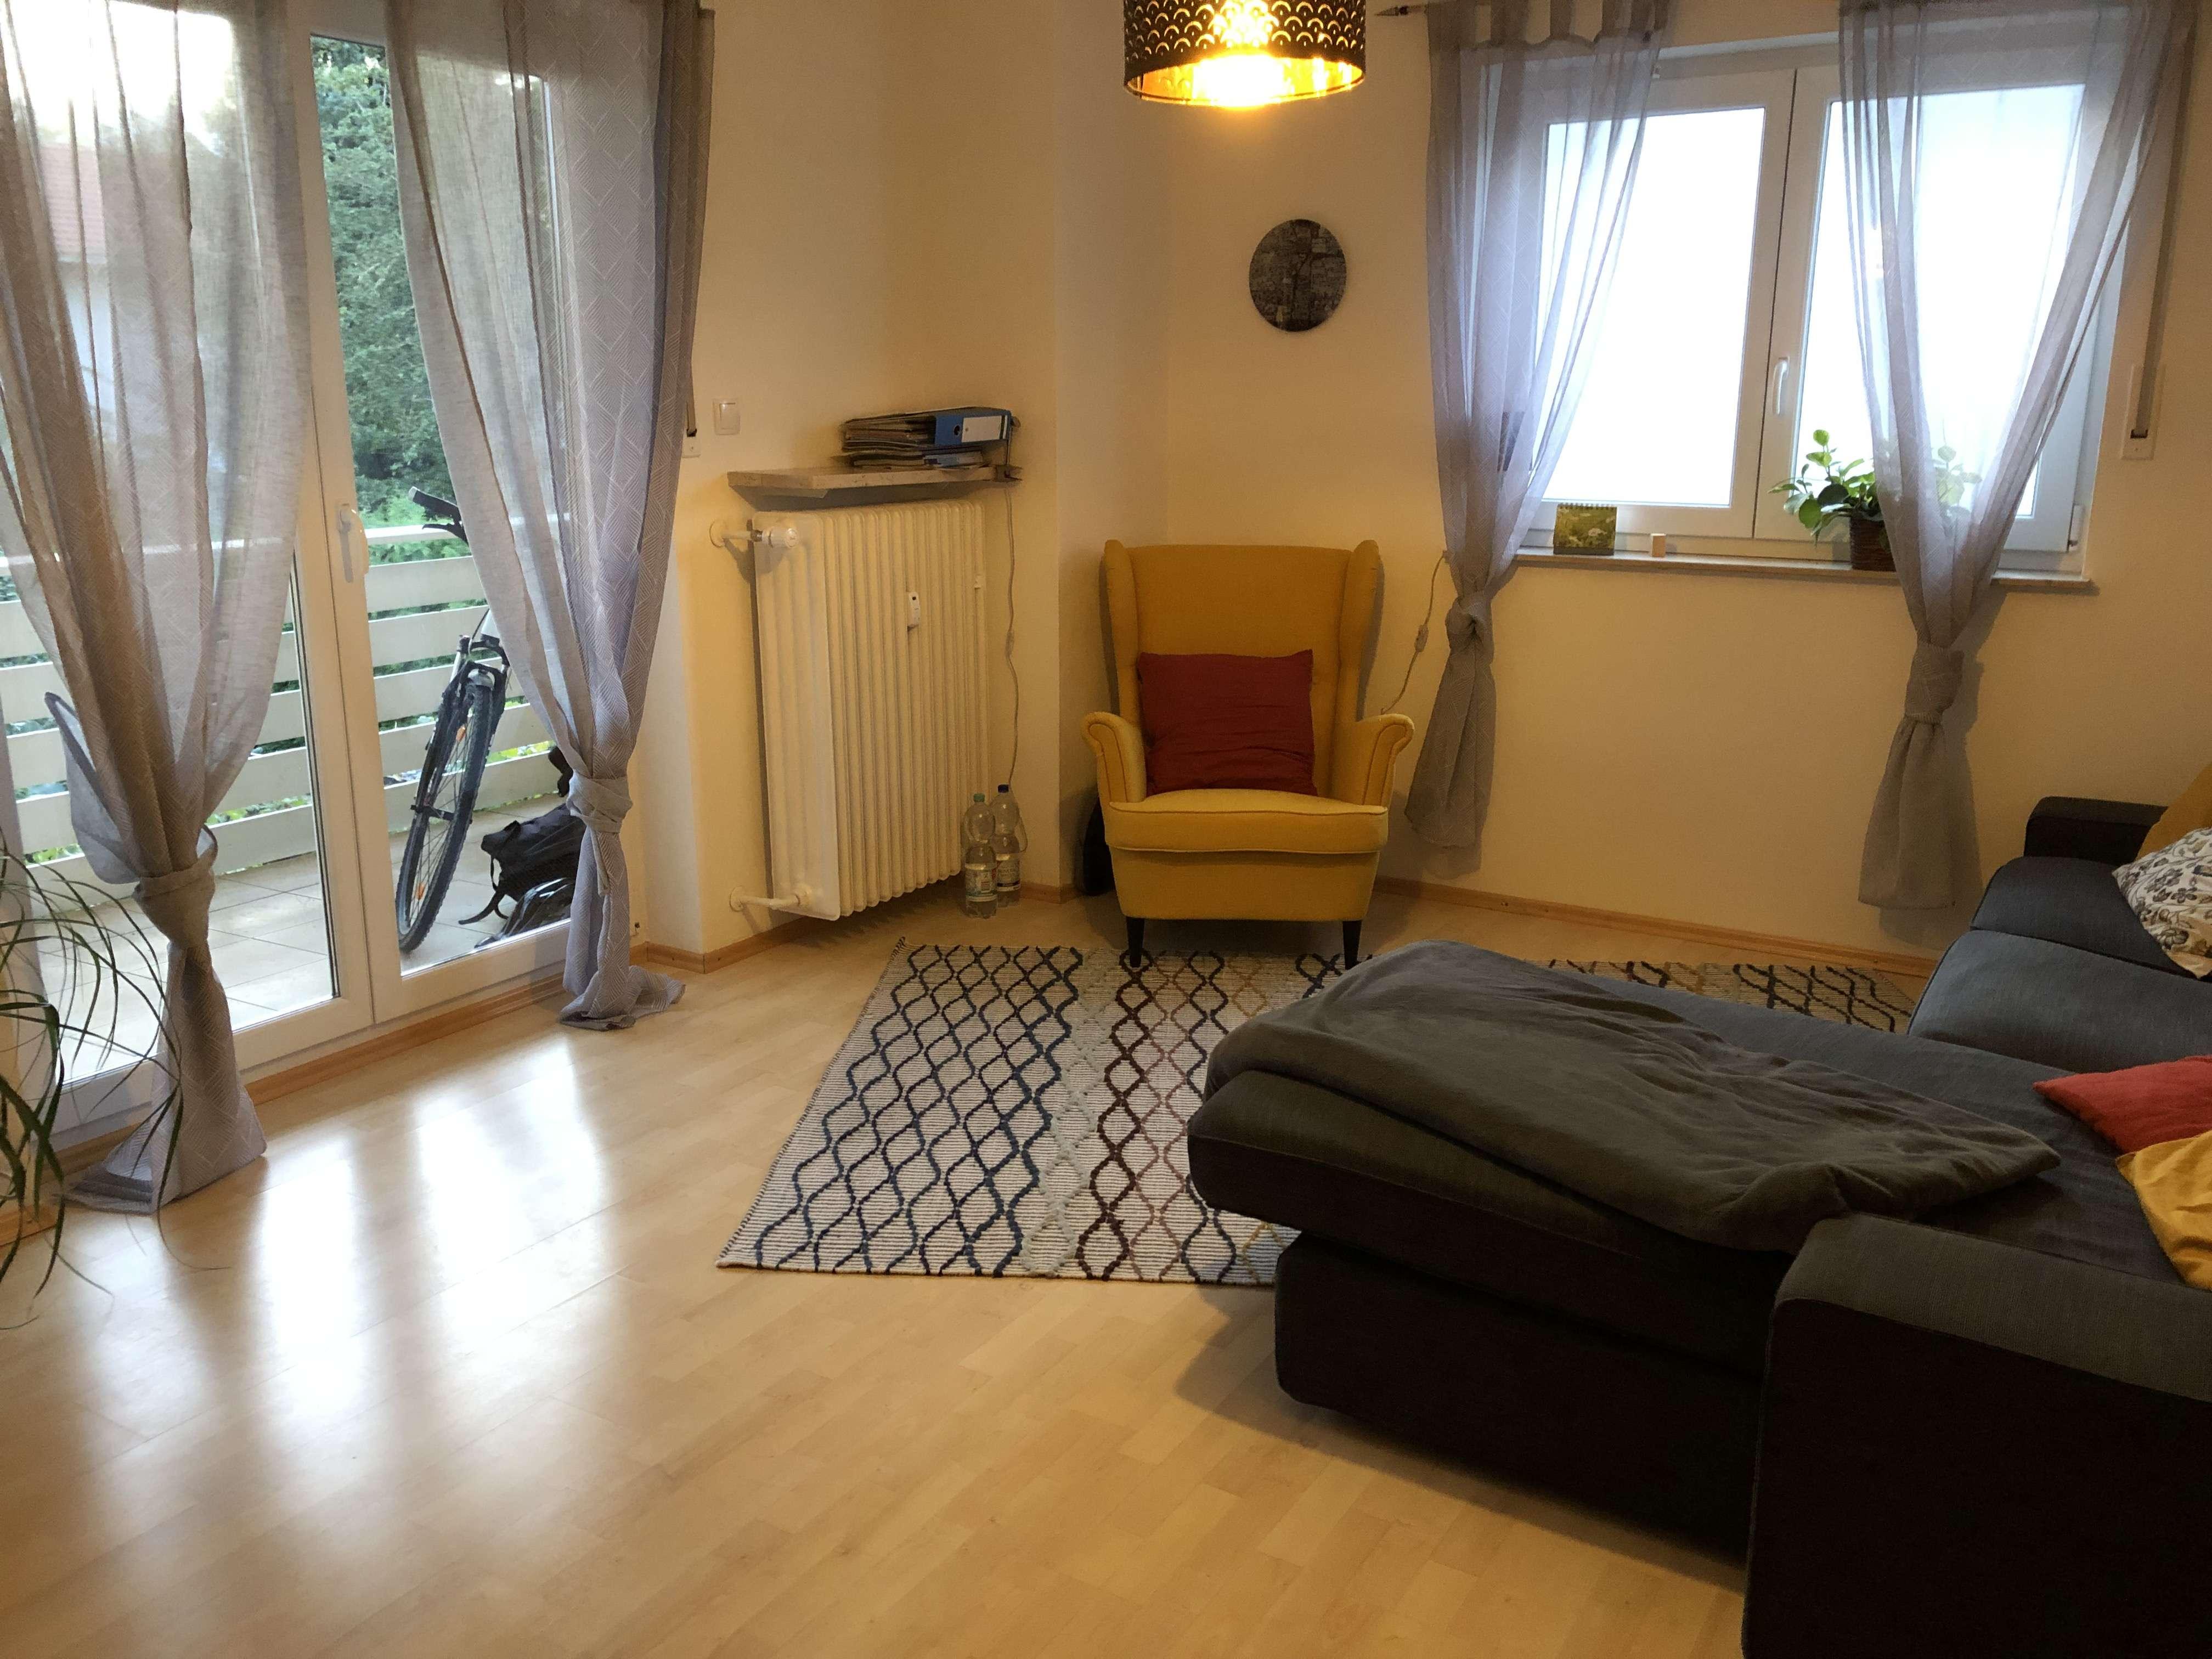 Helle, lichtdurchflutete 2-Zimmer Wohnung in ruhiger Lage in Weilheim in Oberbayern